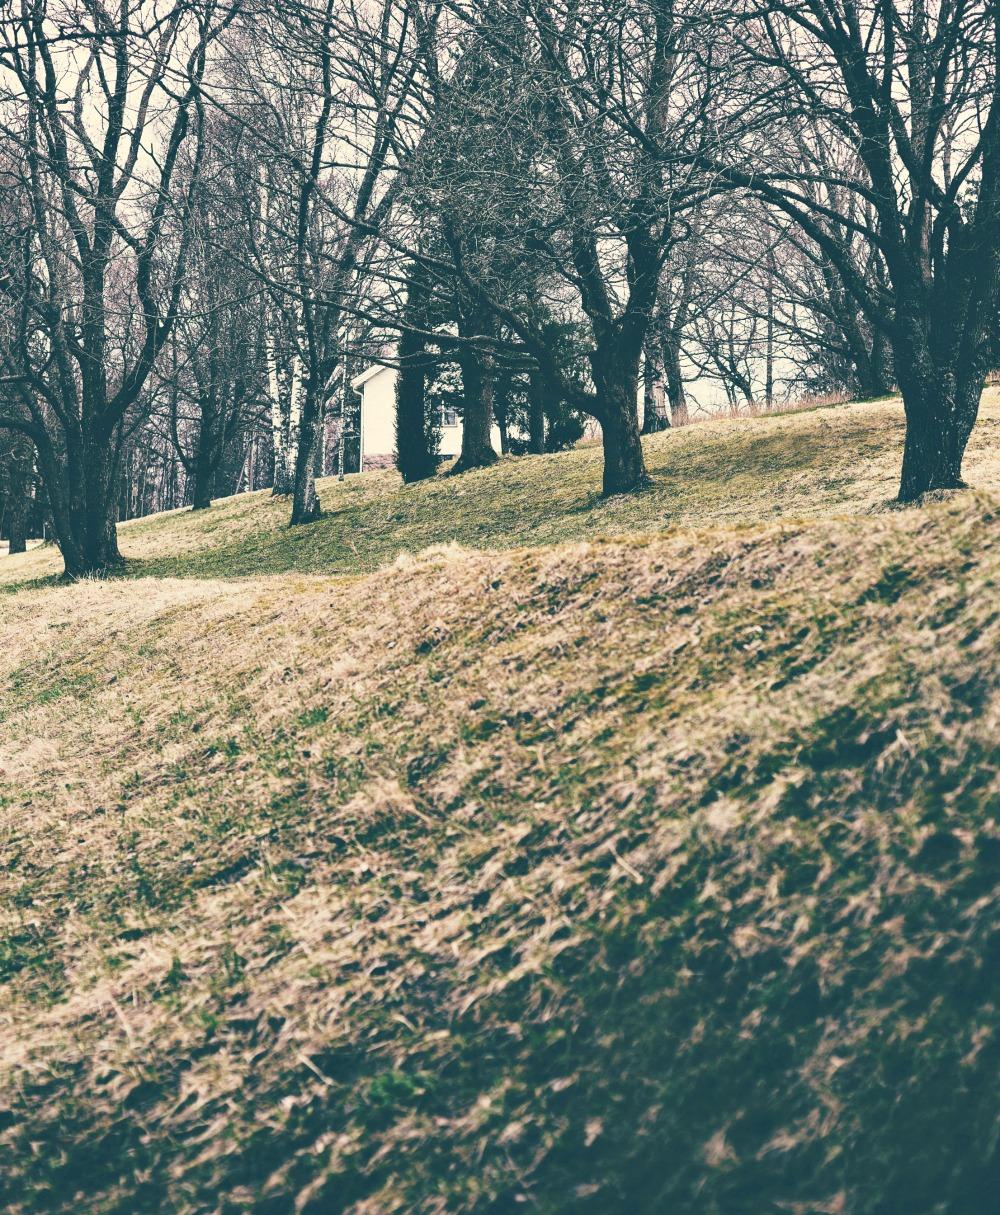 luonto, nature, Espoo, Finland, kevät, spring, Visualaddict, kukka, trees, naturephotography, outdoors, luontovalokuva, valokuvaaja, Frida Steiner